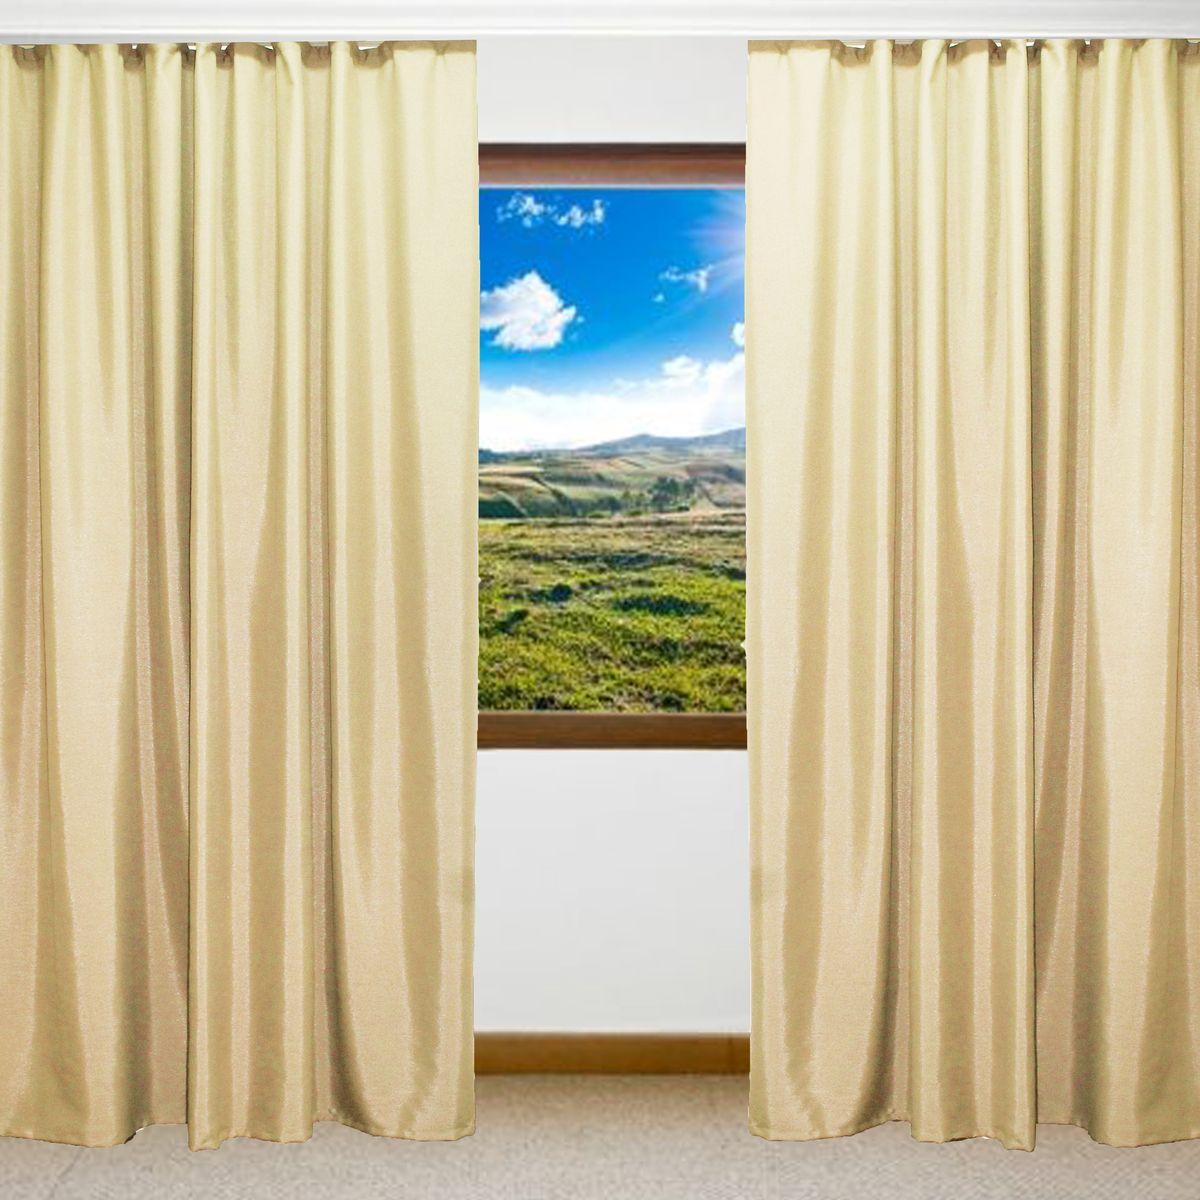 Комплект штор Amore Mio, цвет: бежевый, высота 270 см, 2 шт. RR 8152-0374663